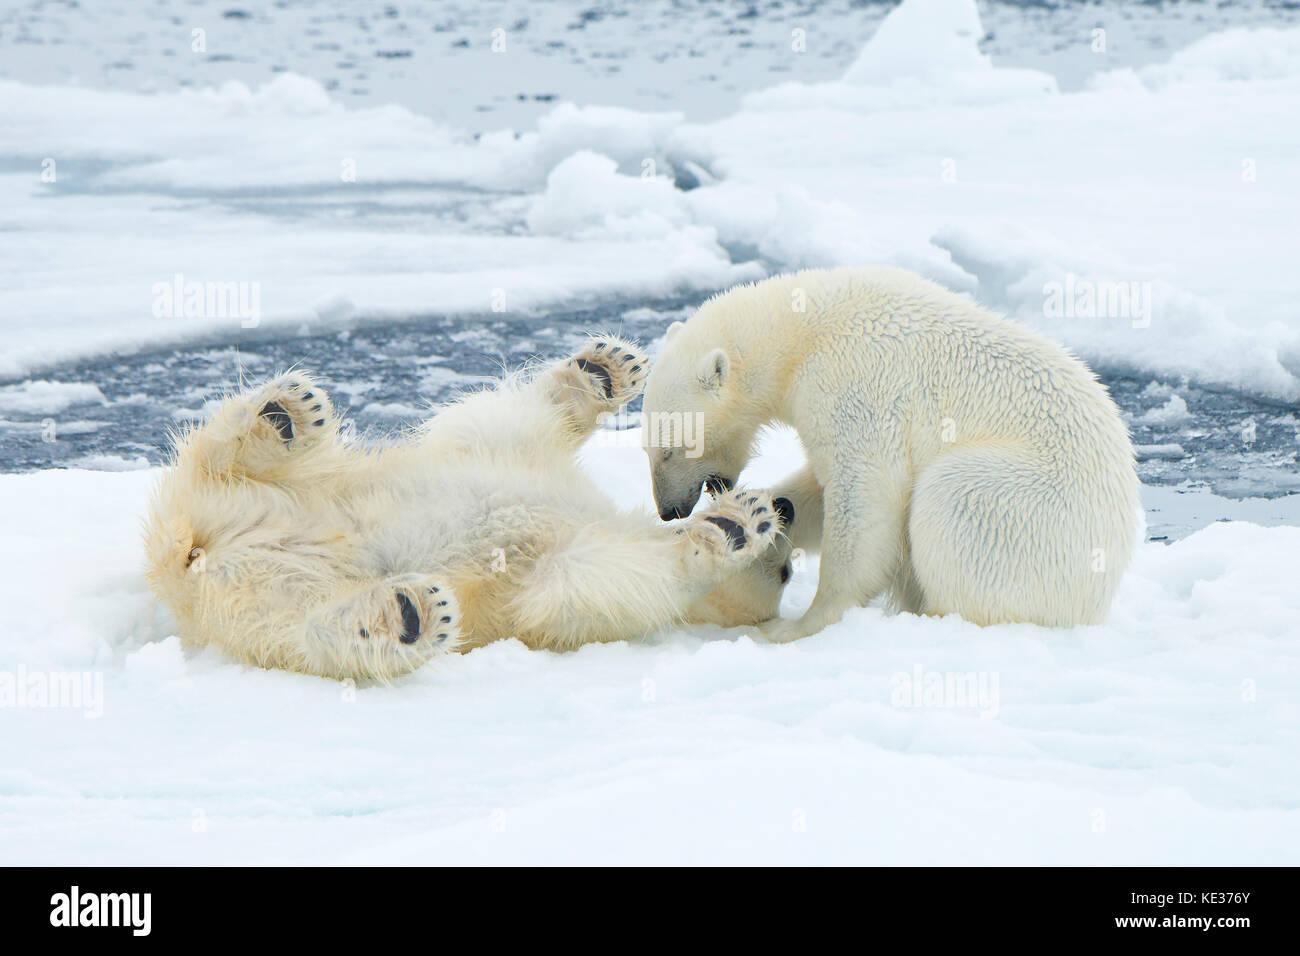 Nach weiblichen Eisbären (Ursus maritimus) Interaktion auf dem Meereis, Svalbard, Das arktische Norwegen Stockfoto